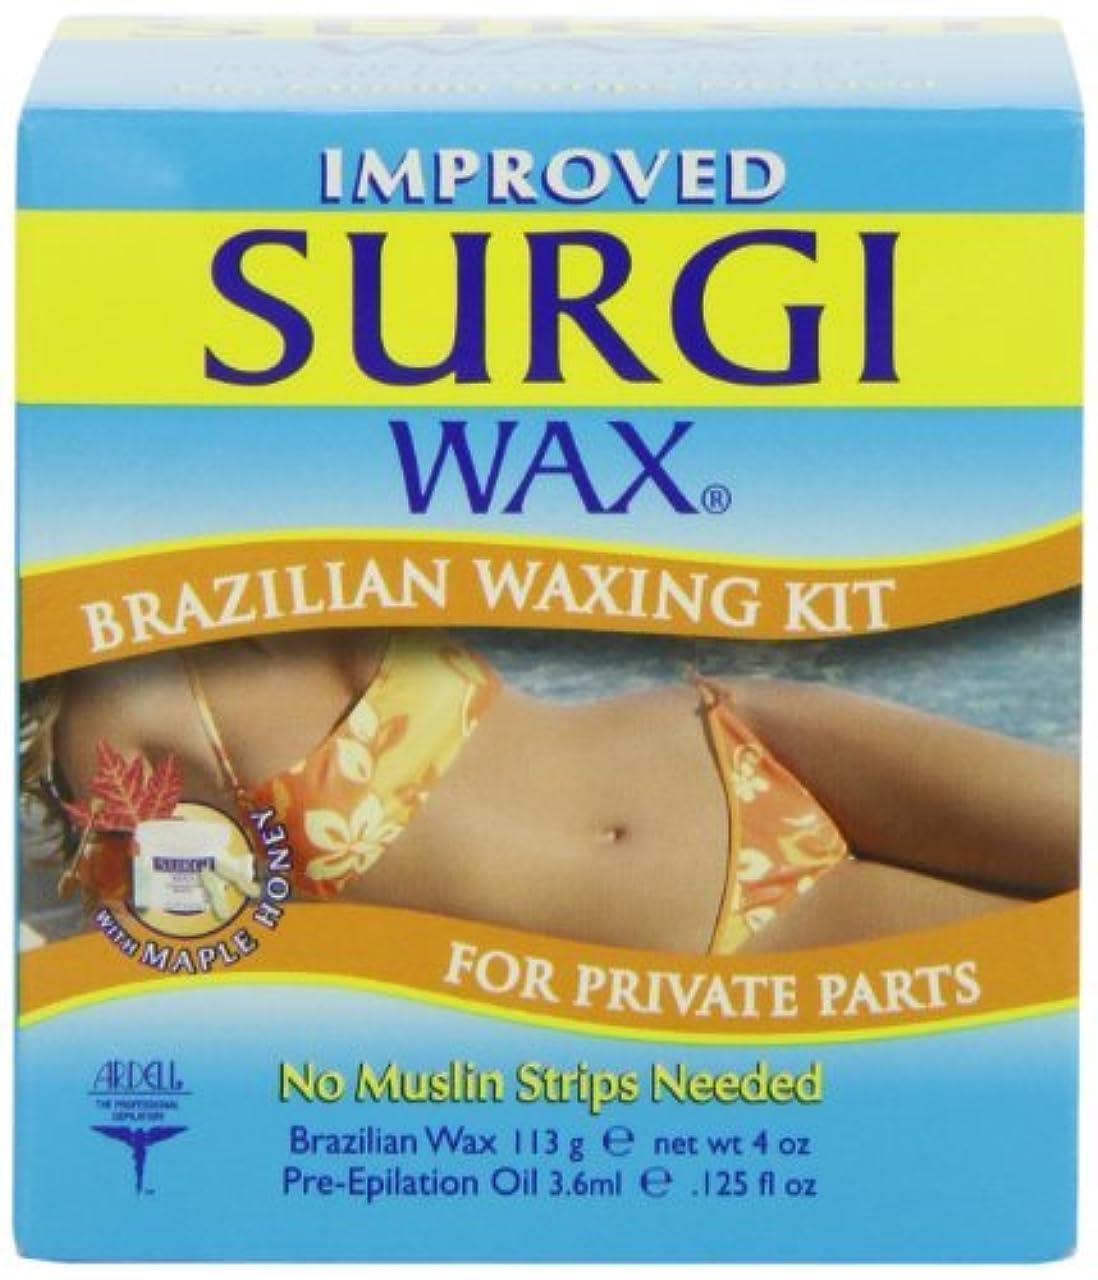 傾向がある路面電車地下室ブラジリアン ワックス (ビキニライン用) Brazilian Waxing Kit For Private Parts【並行輸入品】